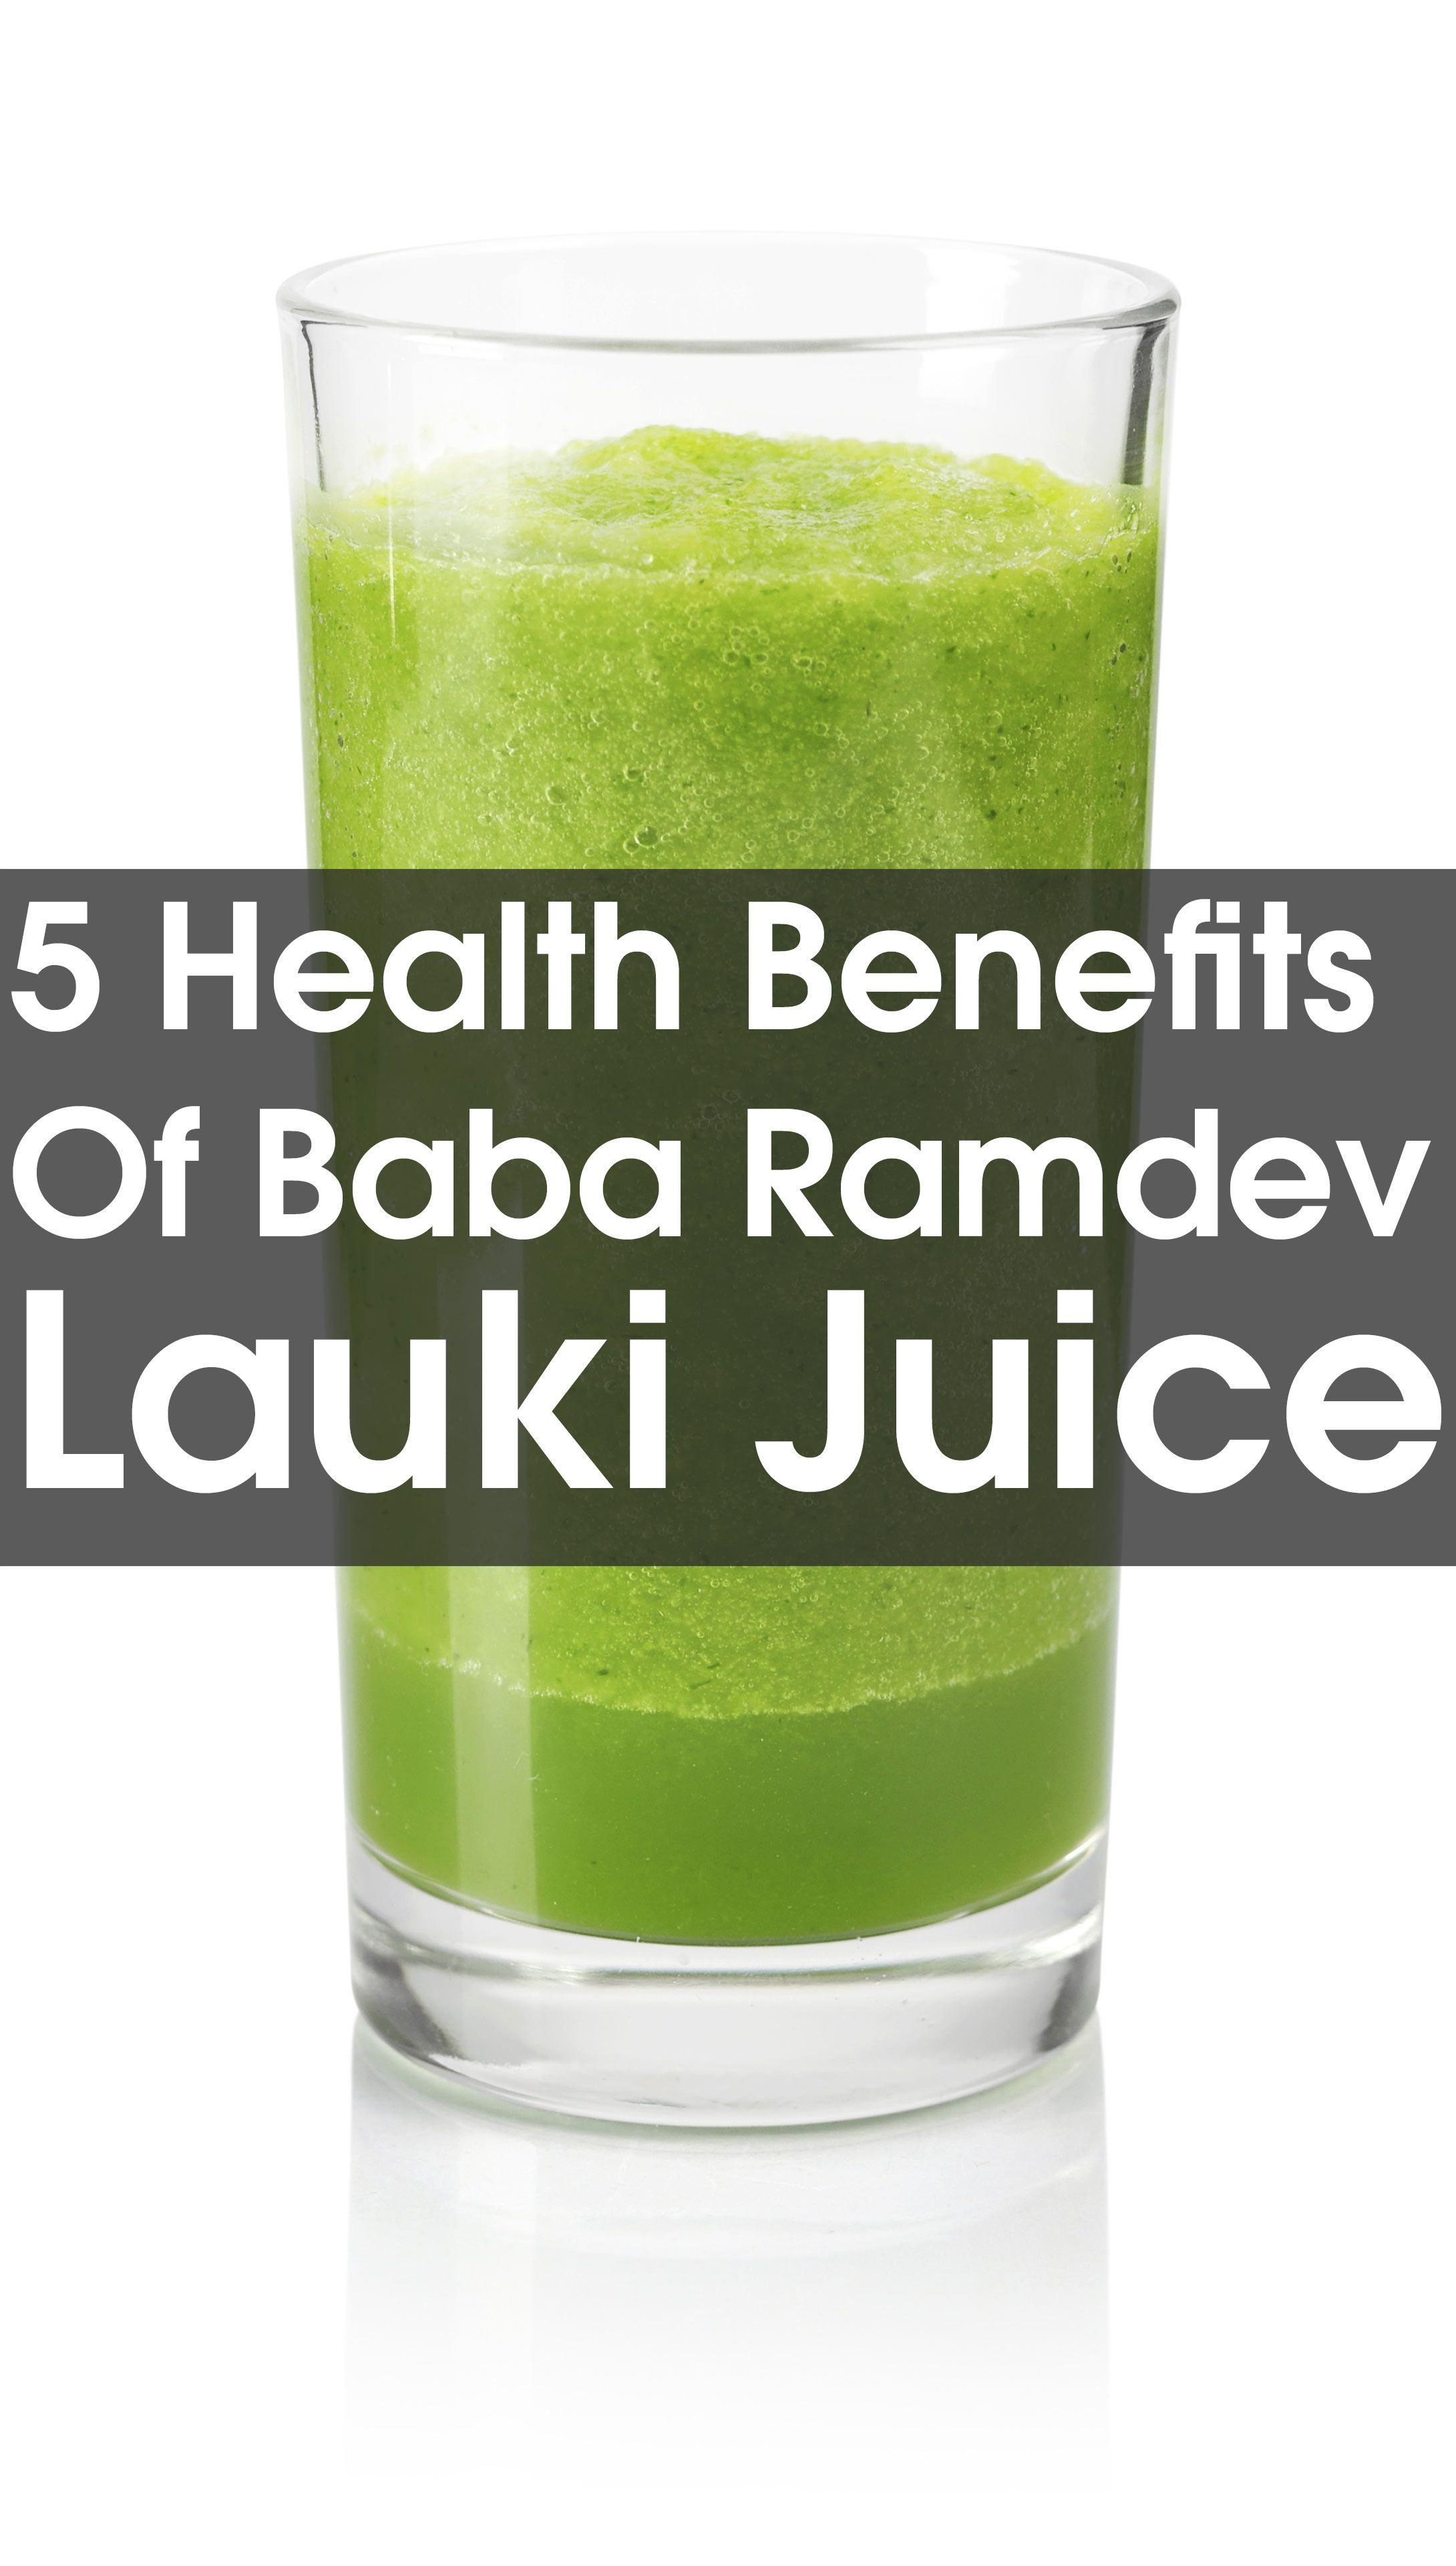 5 Amazing Health Benefits Of Baba Ramdev Lauki Juice ...